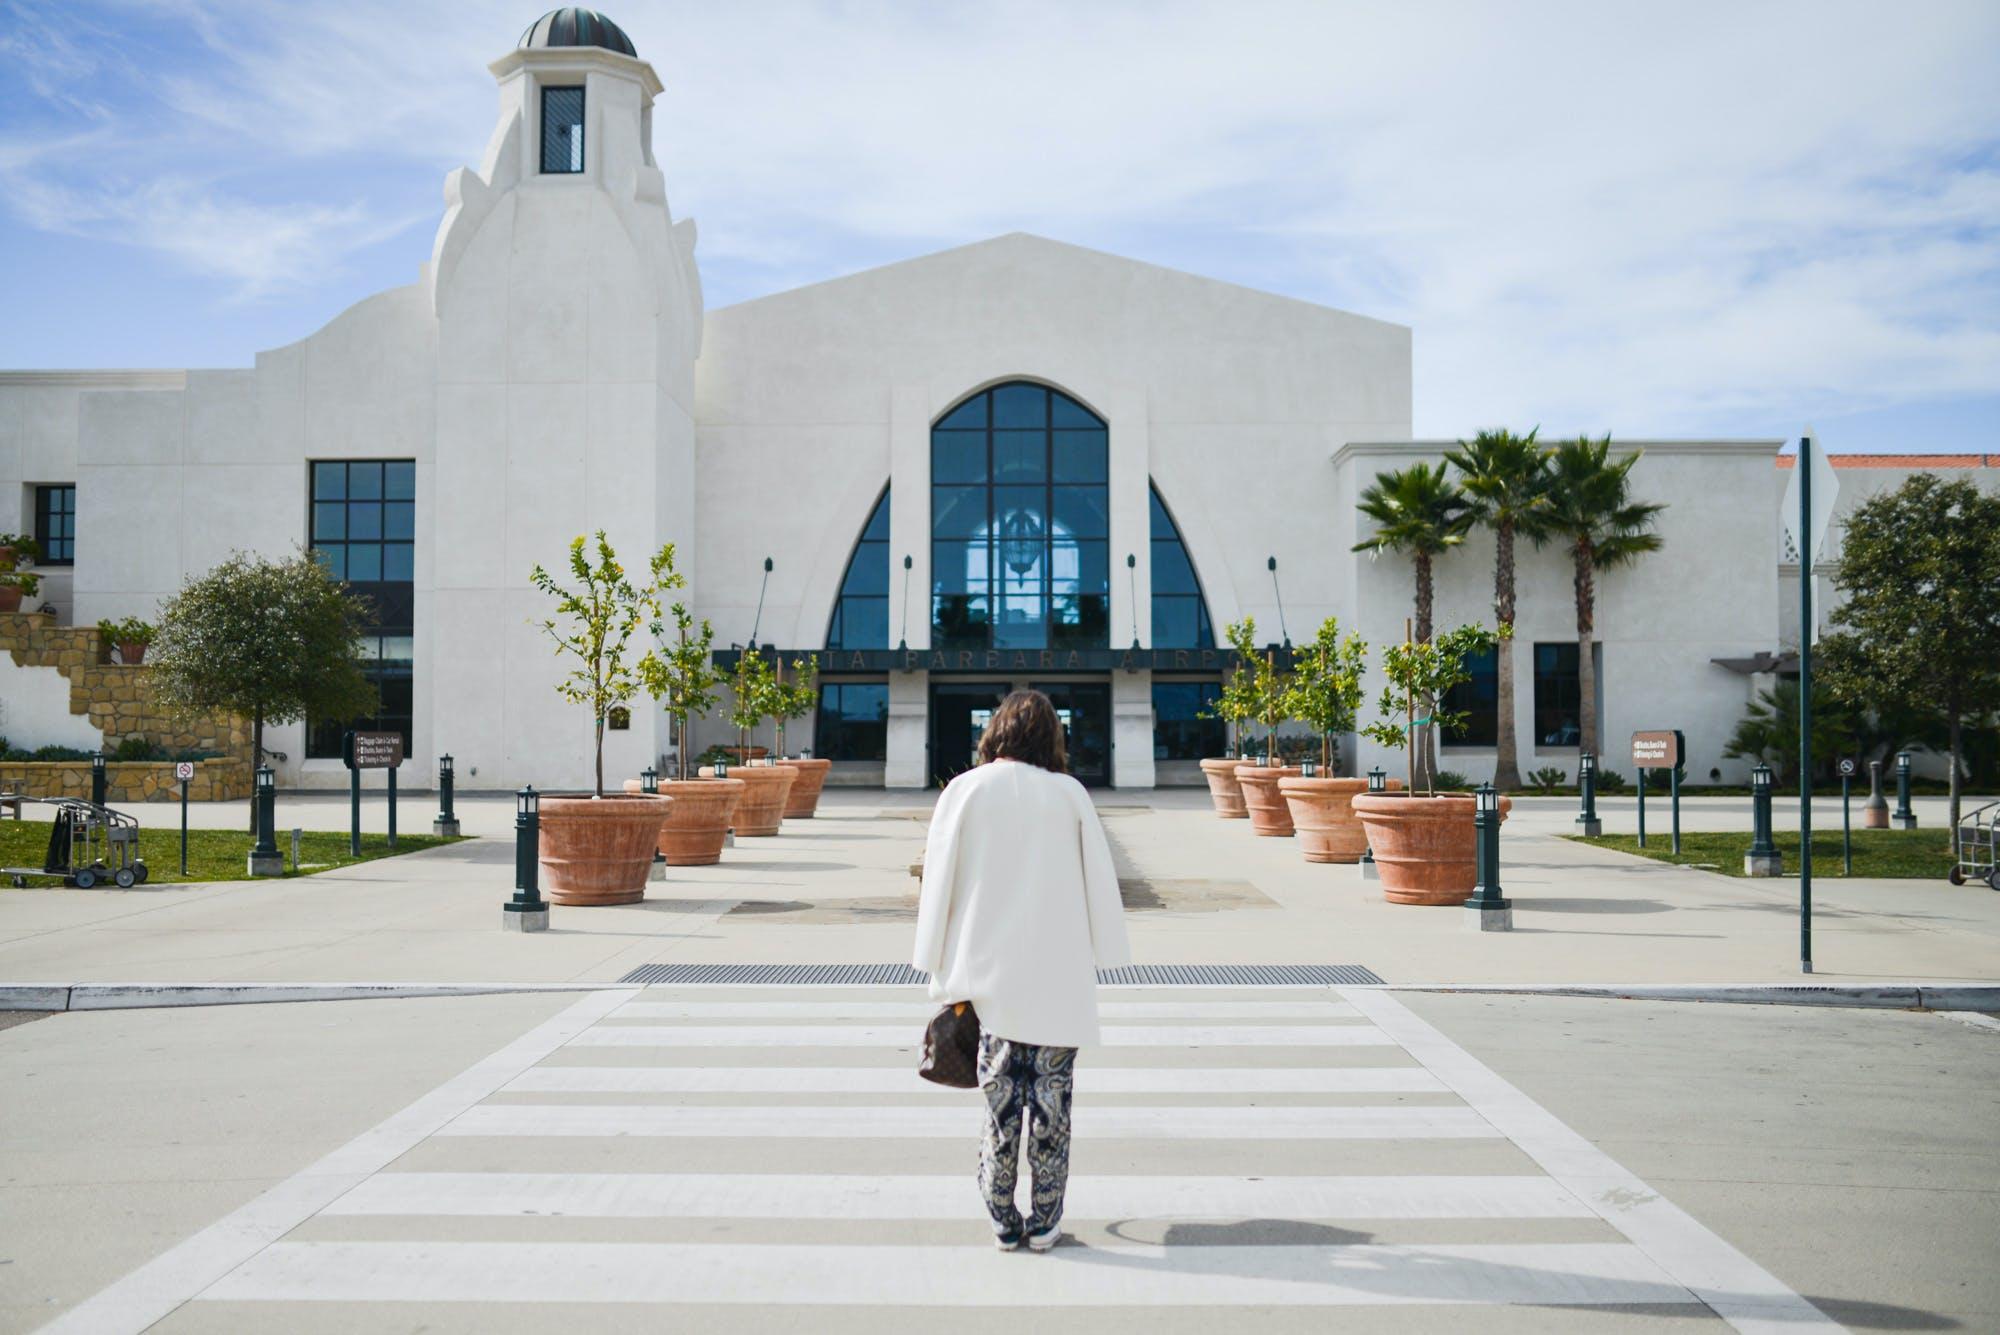 Foto profissional grátis de aeroporto municipal de santa barbara, Califórnia, construção, estrada